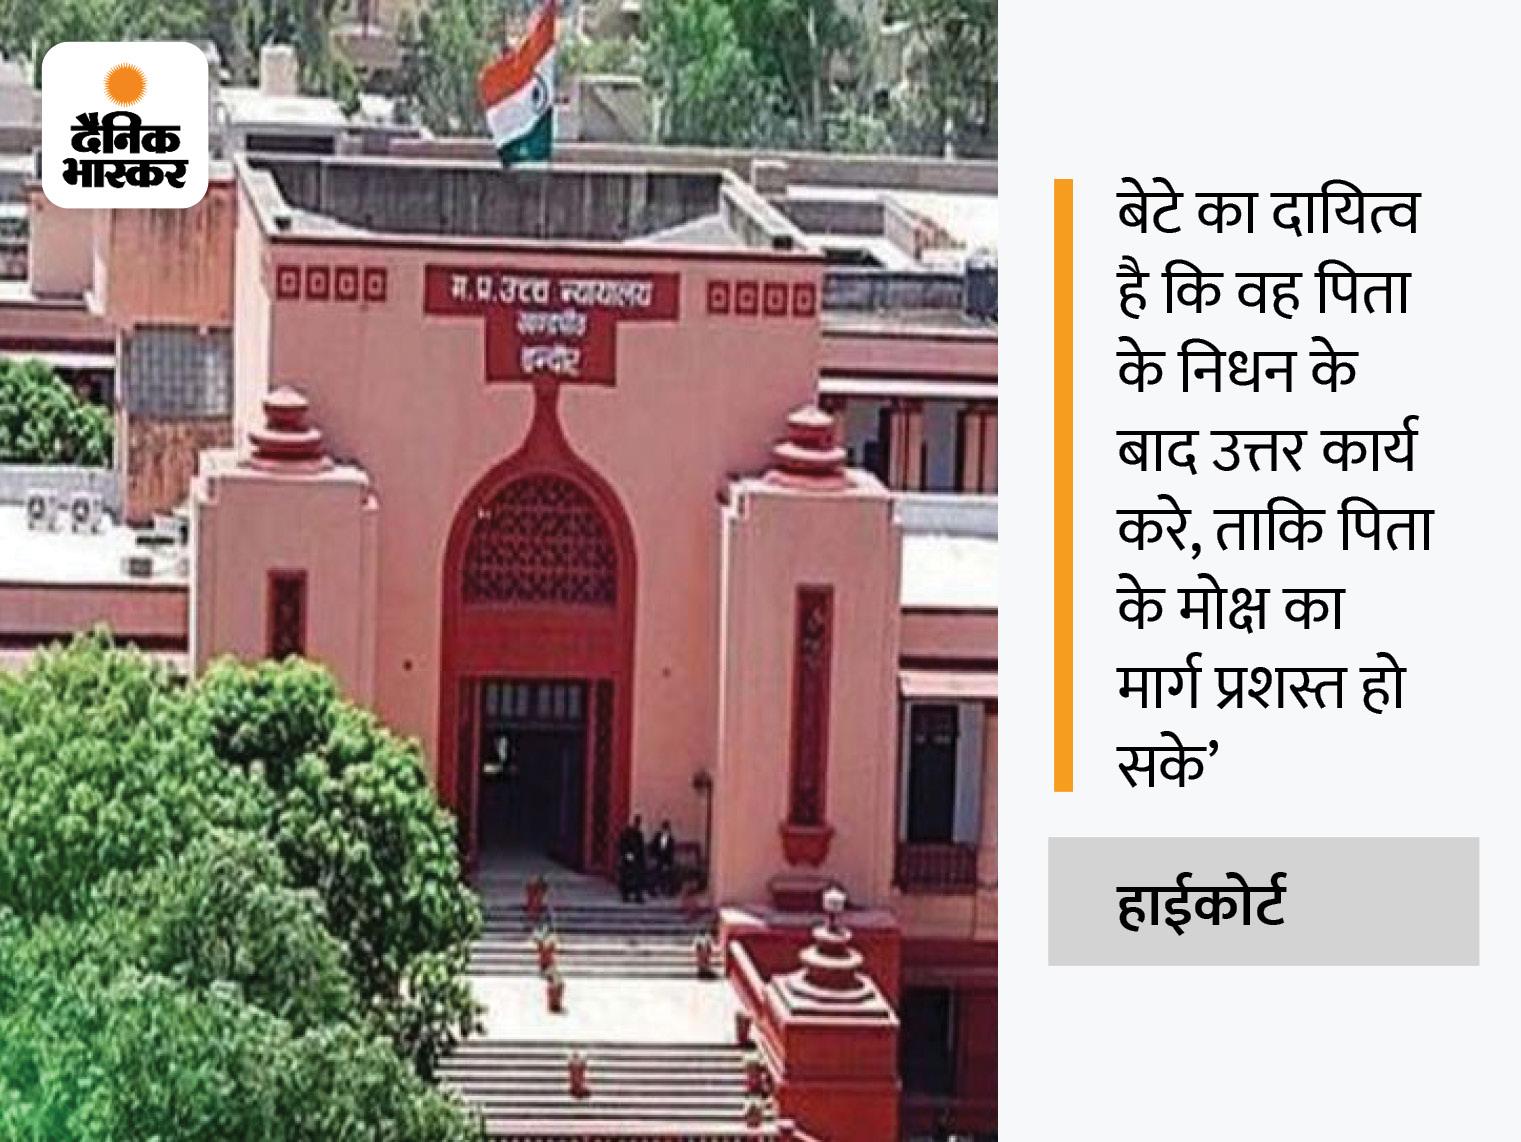 पिता के निधन पर फ्रॉड के आरोपी को इंदौर सेशन कोर्ट ने बेल नहीं दी, हाईकोर्ट ने आदेश पलटा, कहा- यह बेटे का दायित्व|मध्य प्रदेश,Madhya Pradesh - Dainik Bhaskar